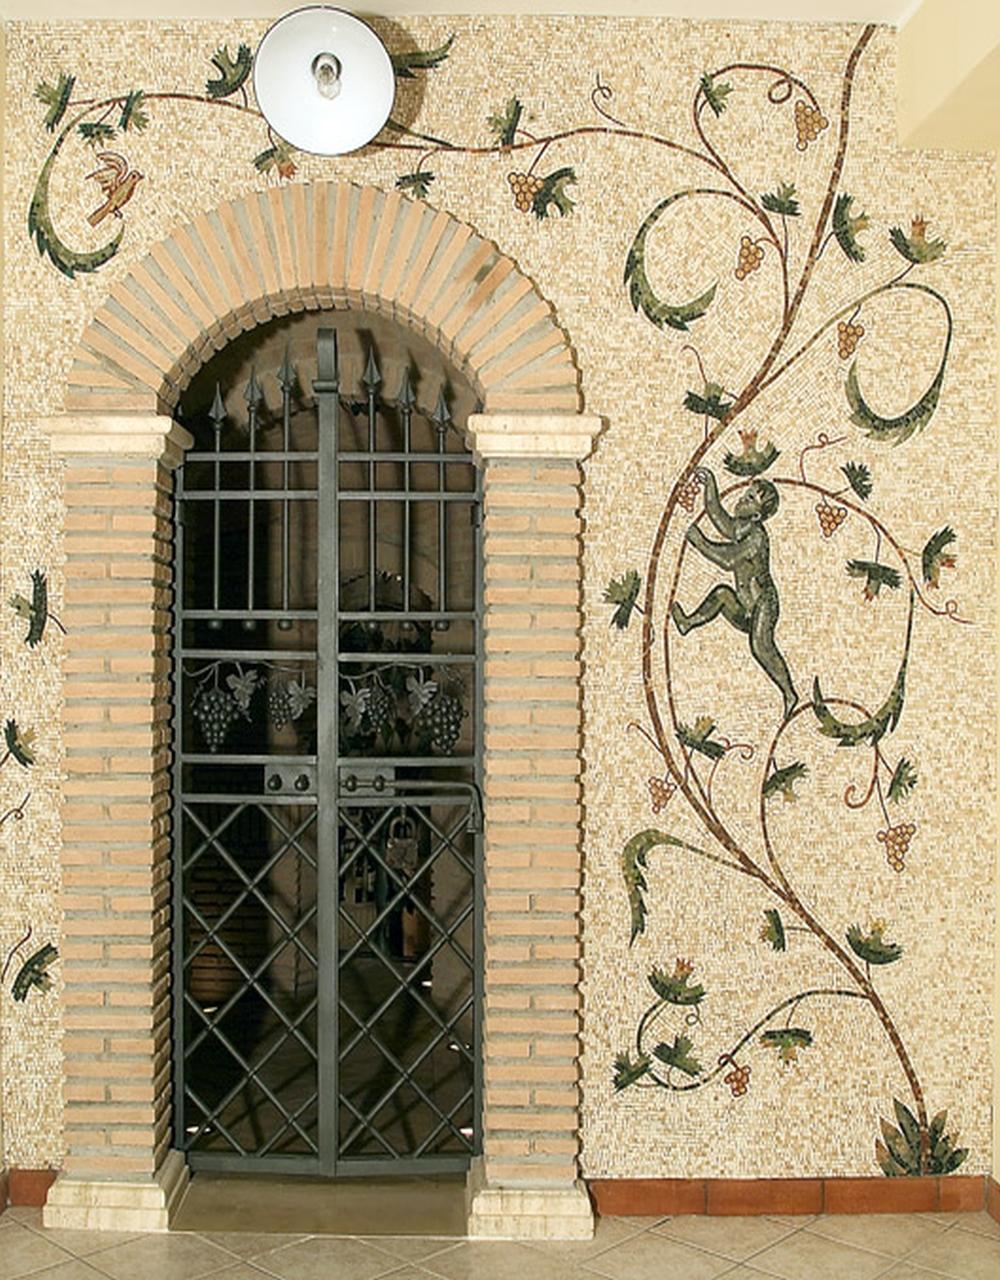 rivestimento di una parete con mosaico lapideo, copia da mausoleo di Santa Costanza